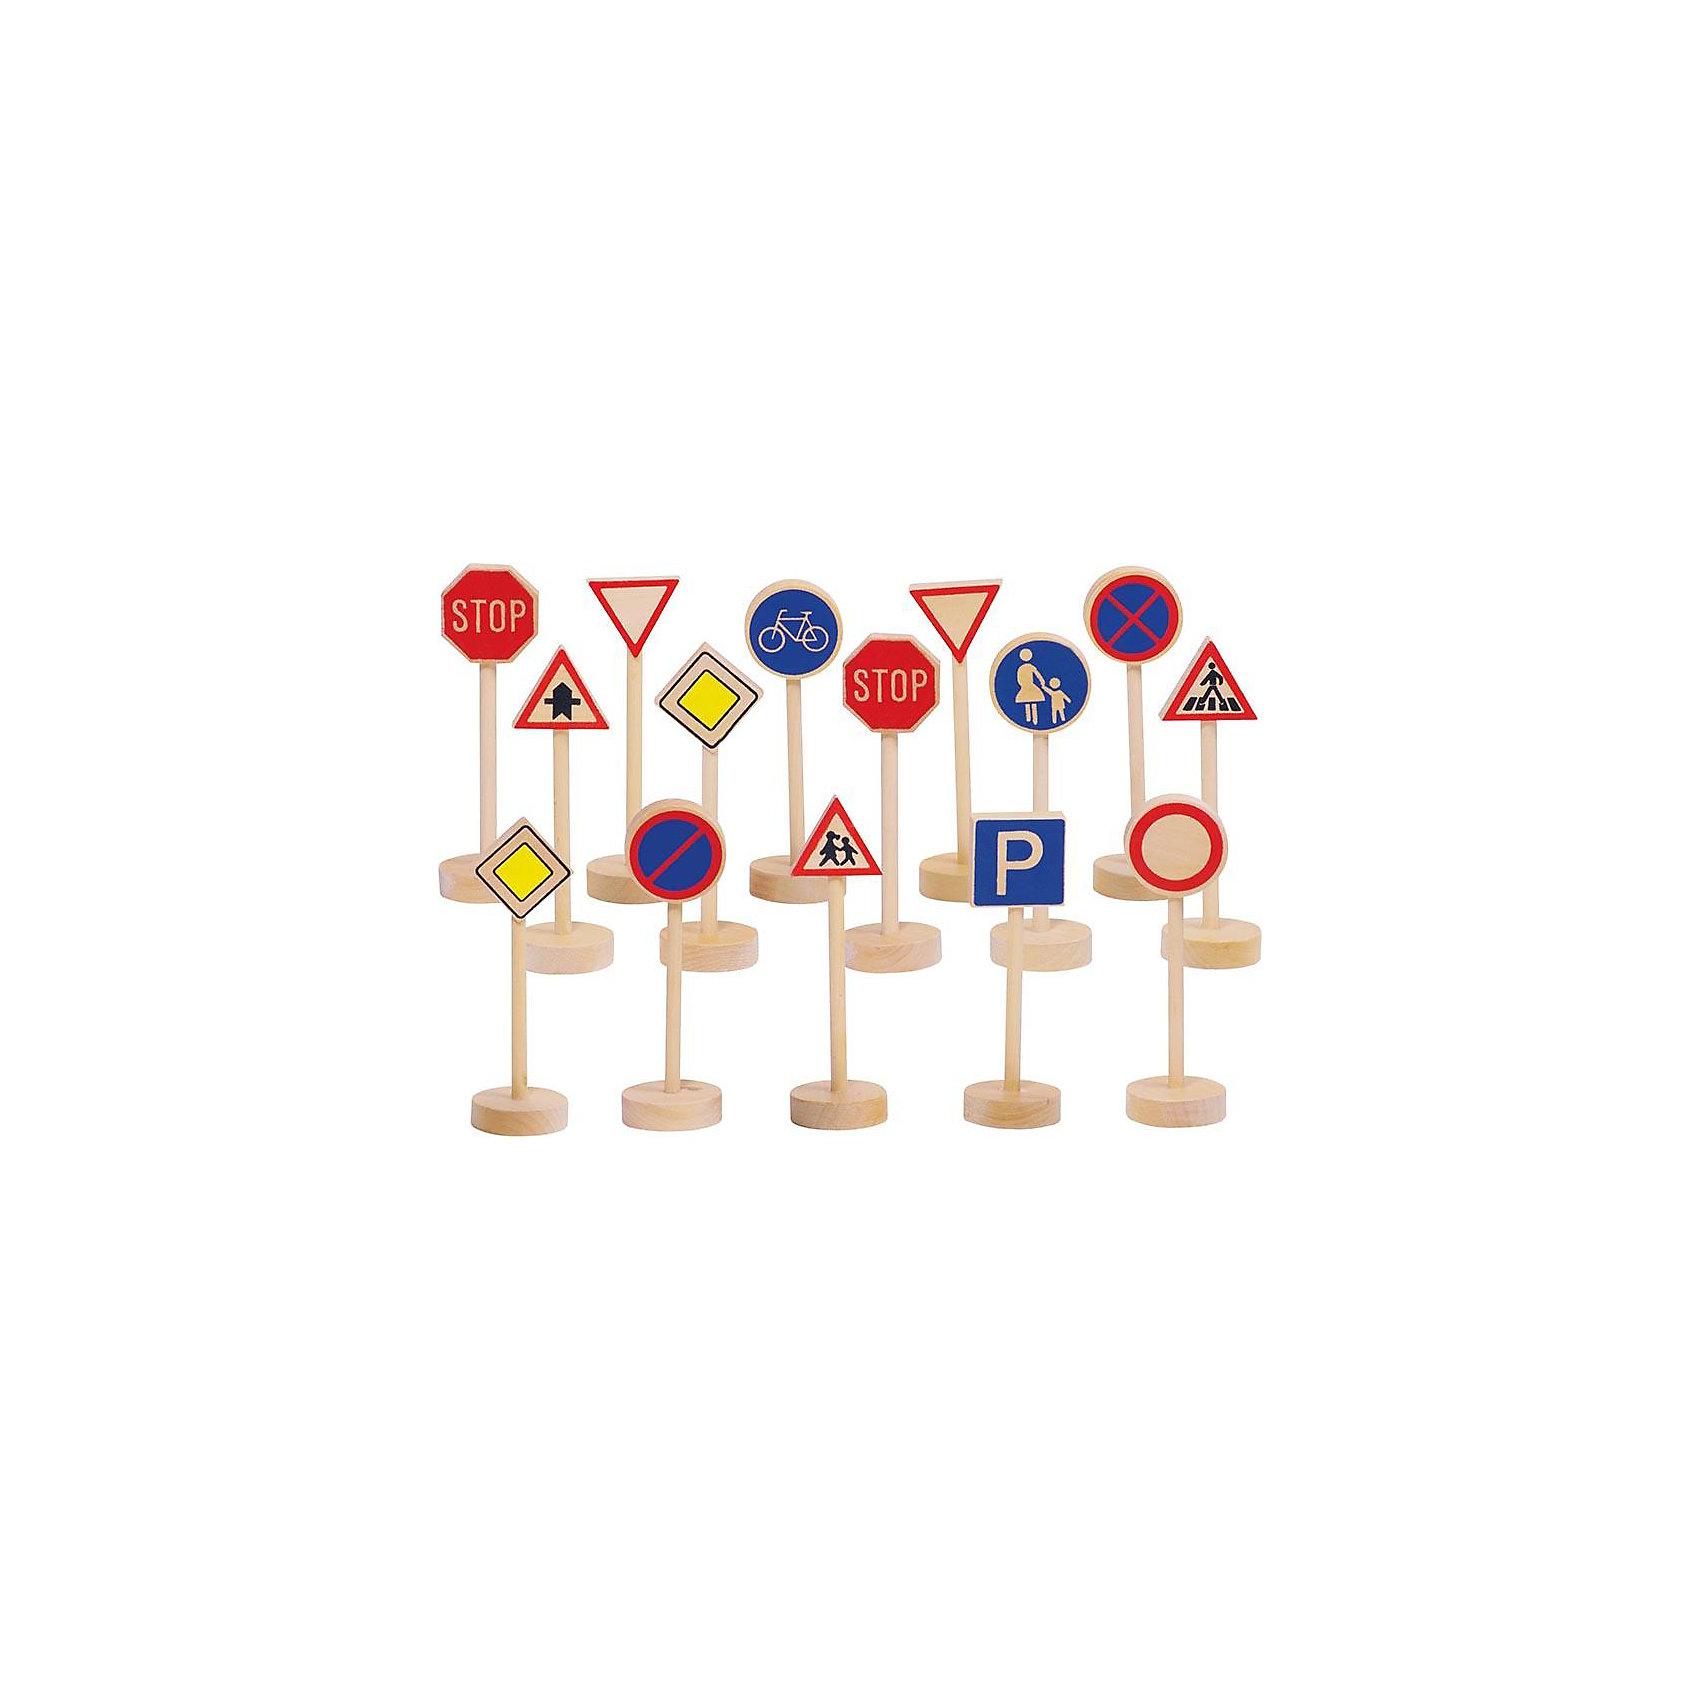 деревянные игрушки бэмби набор дорожные знаки 7777 goki GOLLNEST & KIESEL Дорожные знаки TOYS PURE